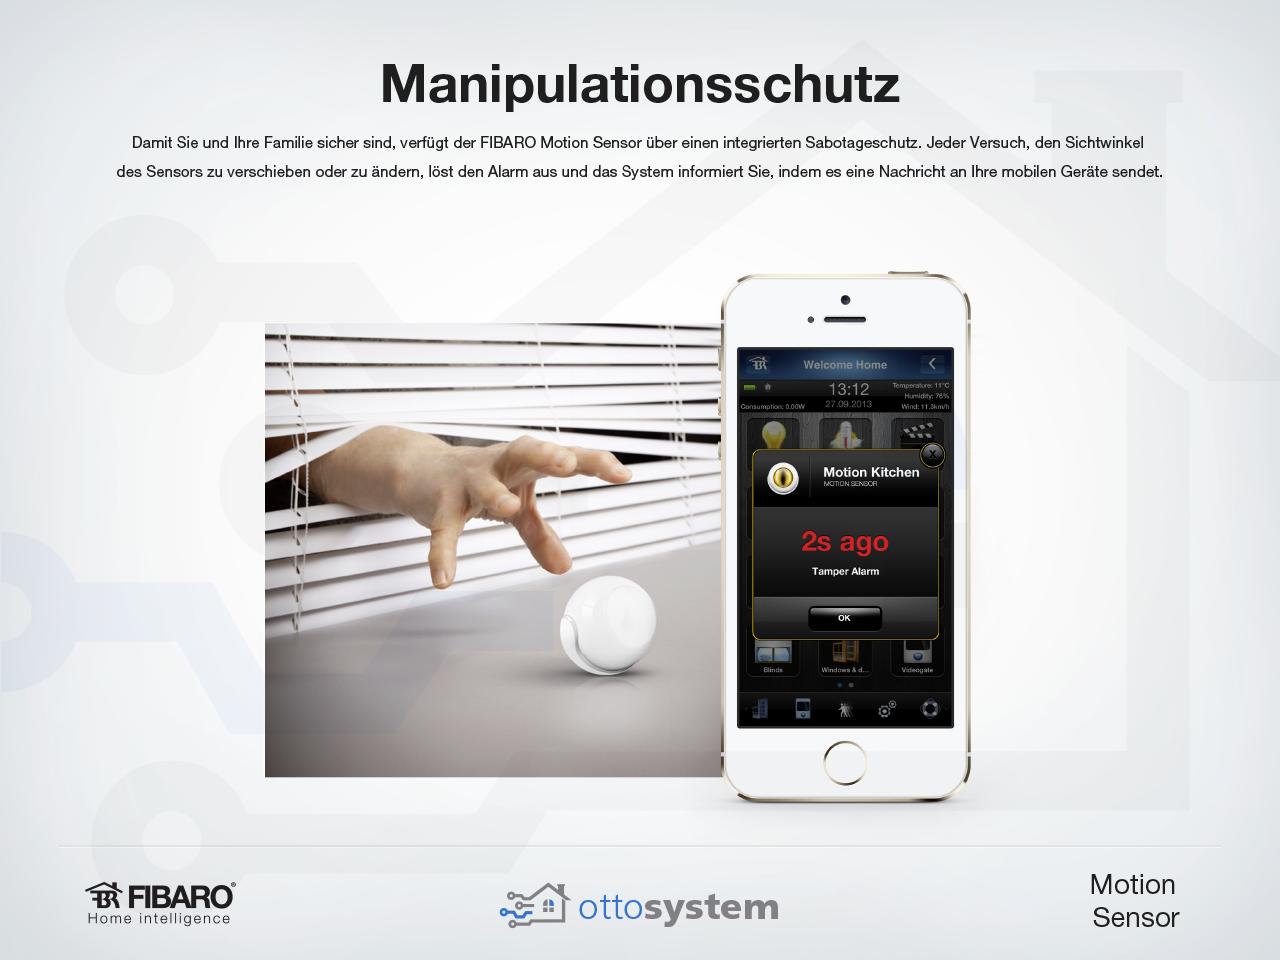 Praesentation-MotionSensor-ottosystem-14